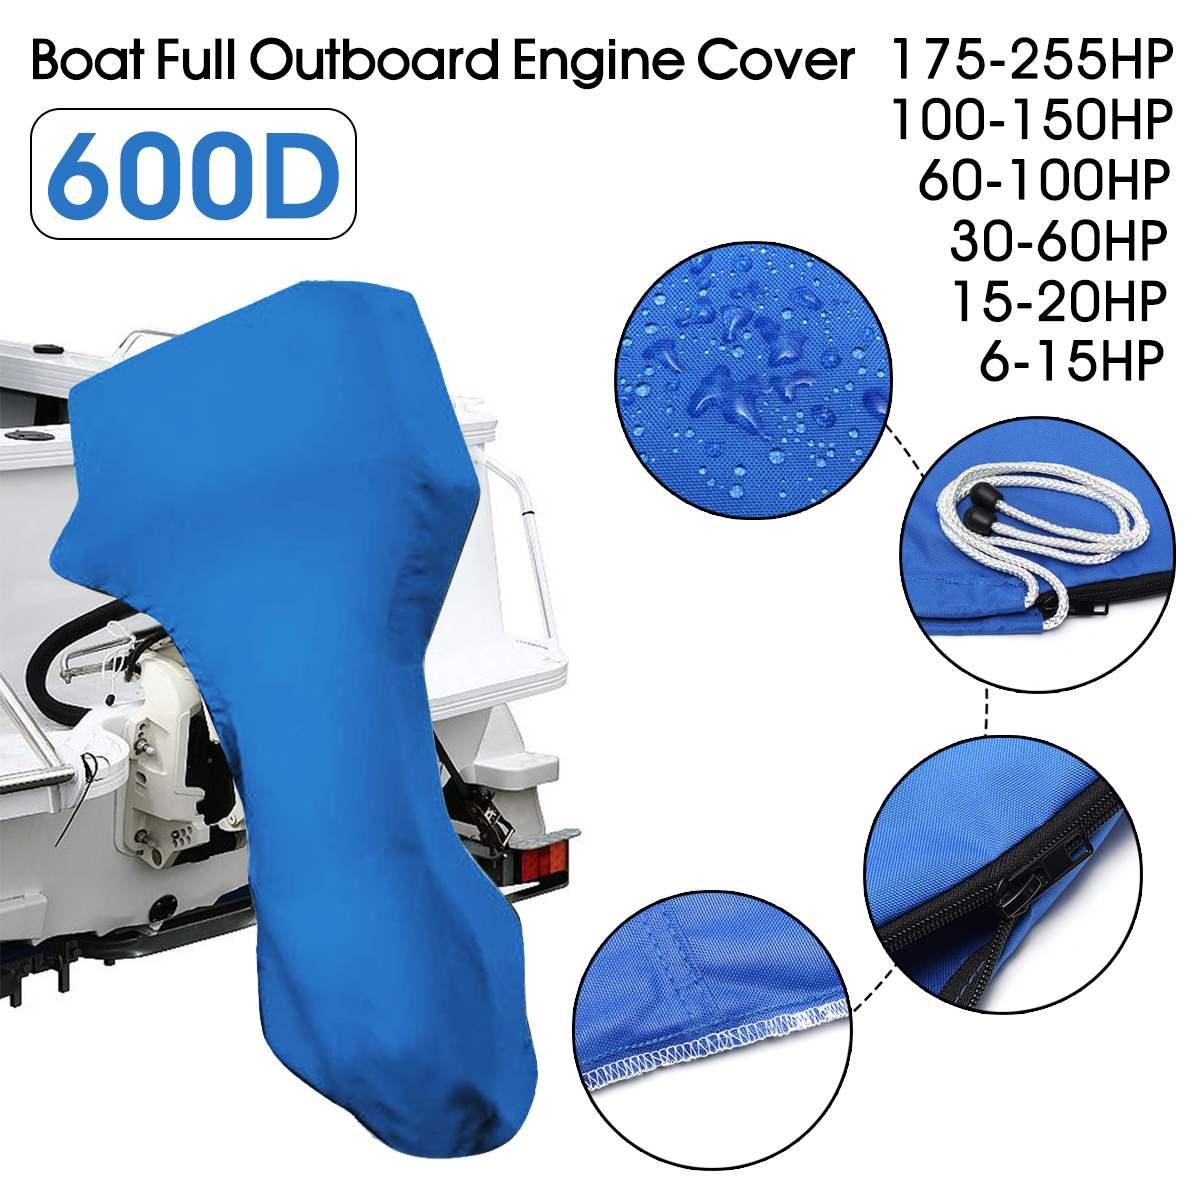 600D Bateau Plein Hors-Bord couvercle de moteur Bleu Moteur Moteur Couvre Protecteur Pour 6-225HP Étanche